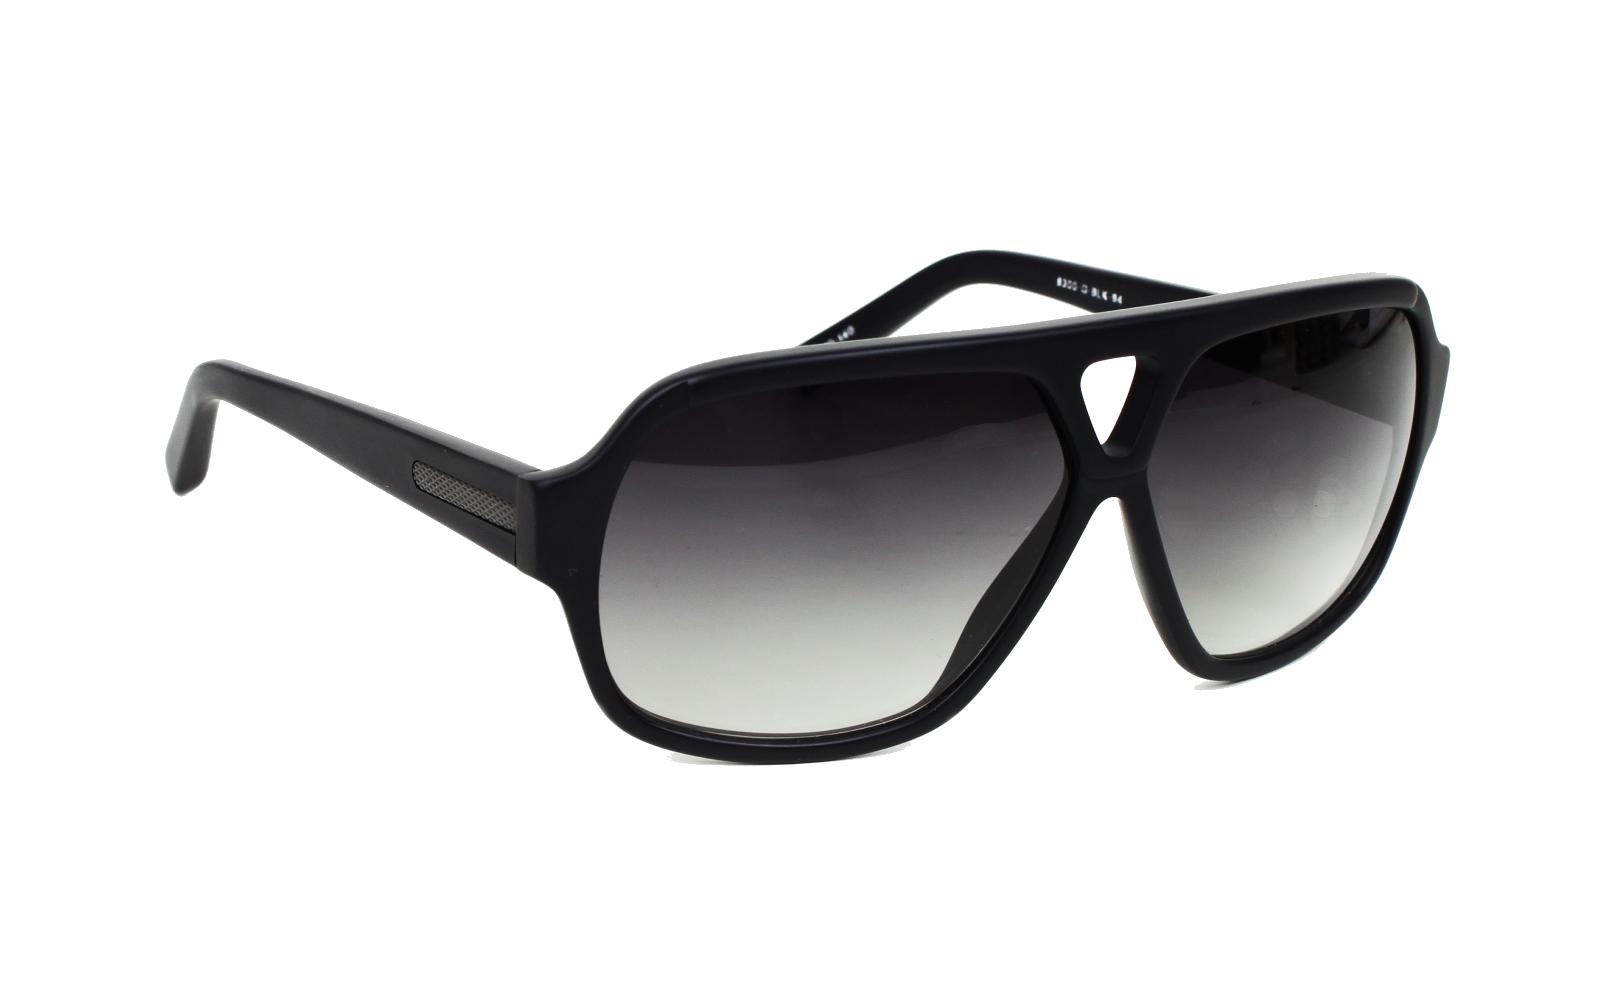 Sunglass png images transparent. Men clipart sunglasses